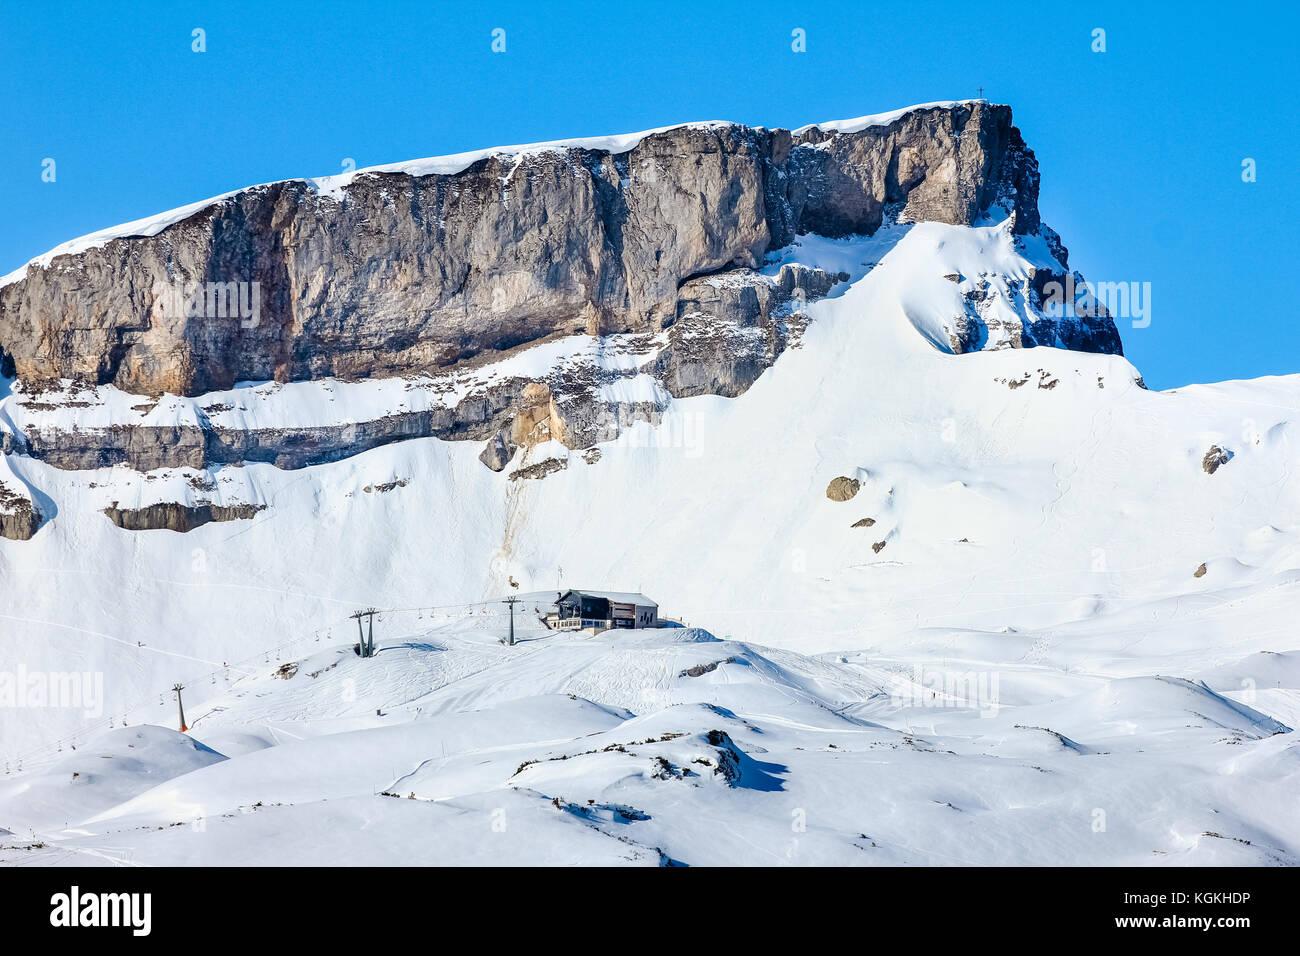 Neve Montagne Paesaggio invernale a ifen ski resort. La Baviera, Germania. Immagini Stock